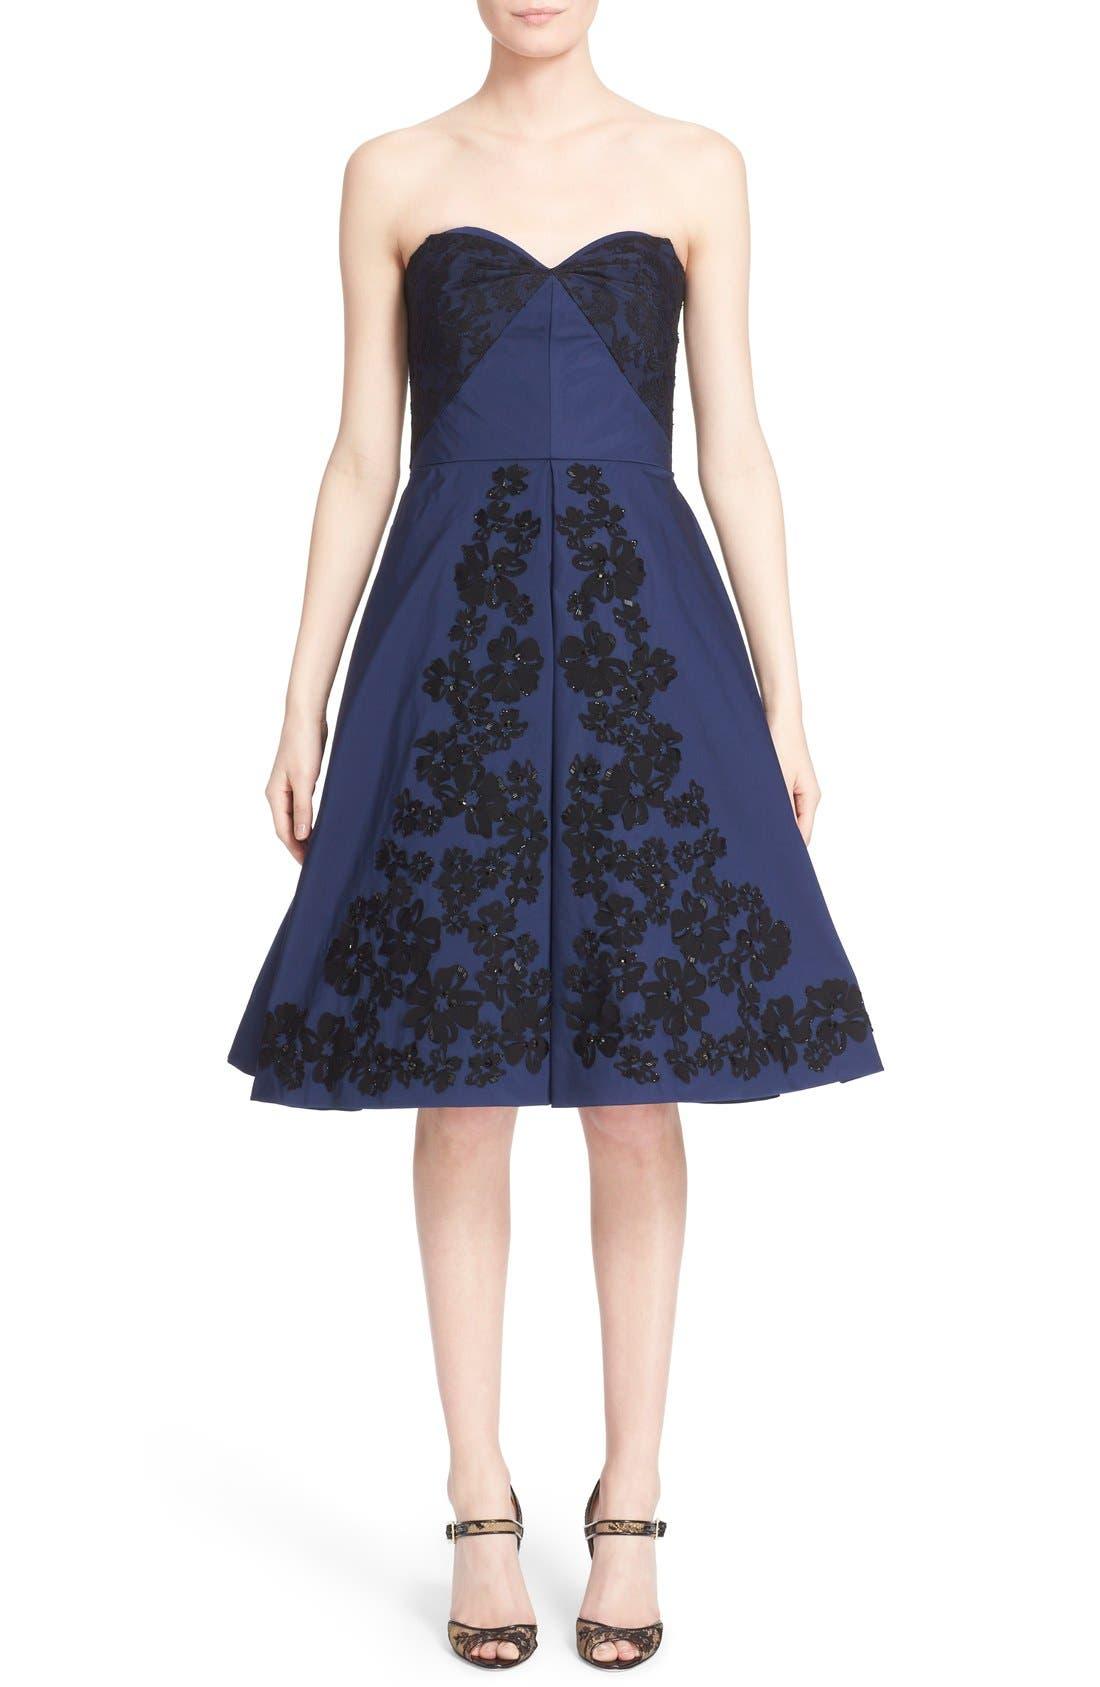 Main Image - Oscar de la Renta Floral Embellished Strapless Fit & Flare Dress